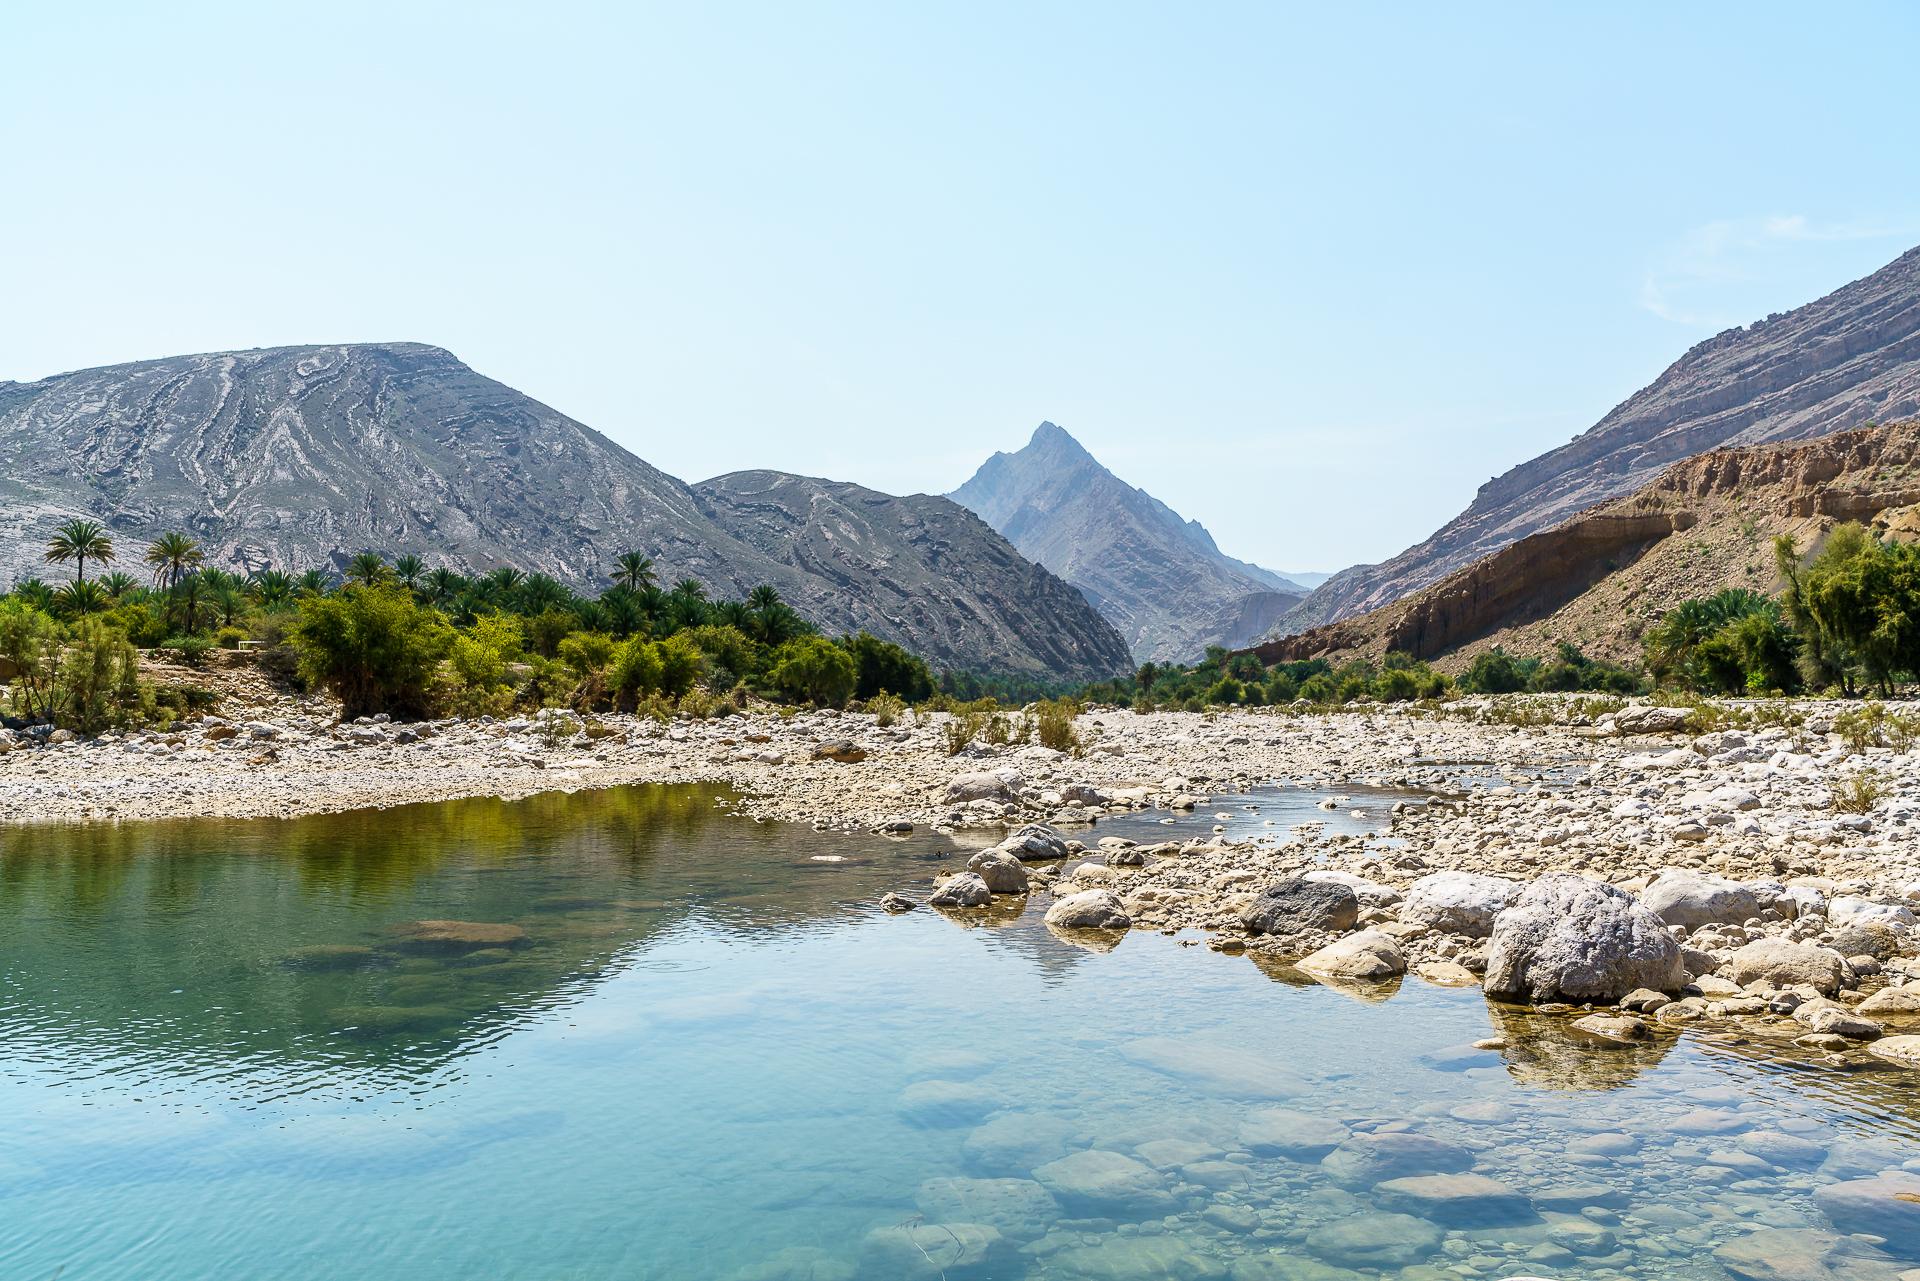 Wadi-Ben-Khalid